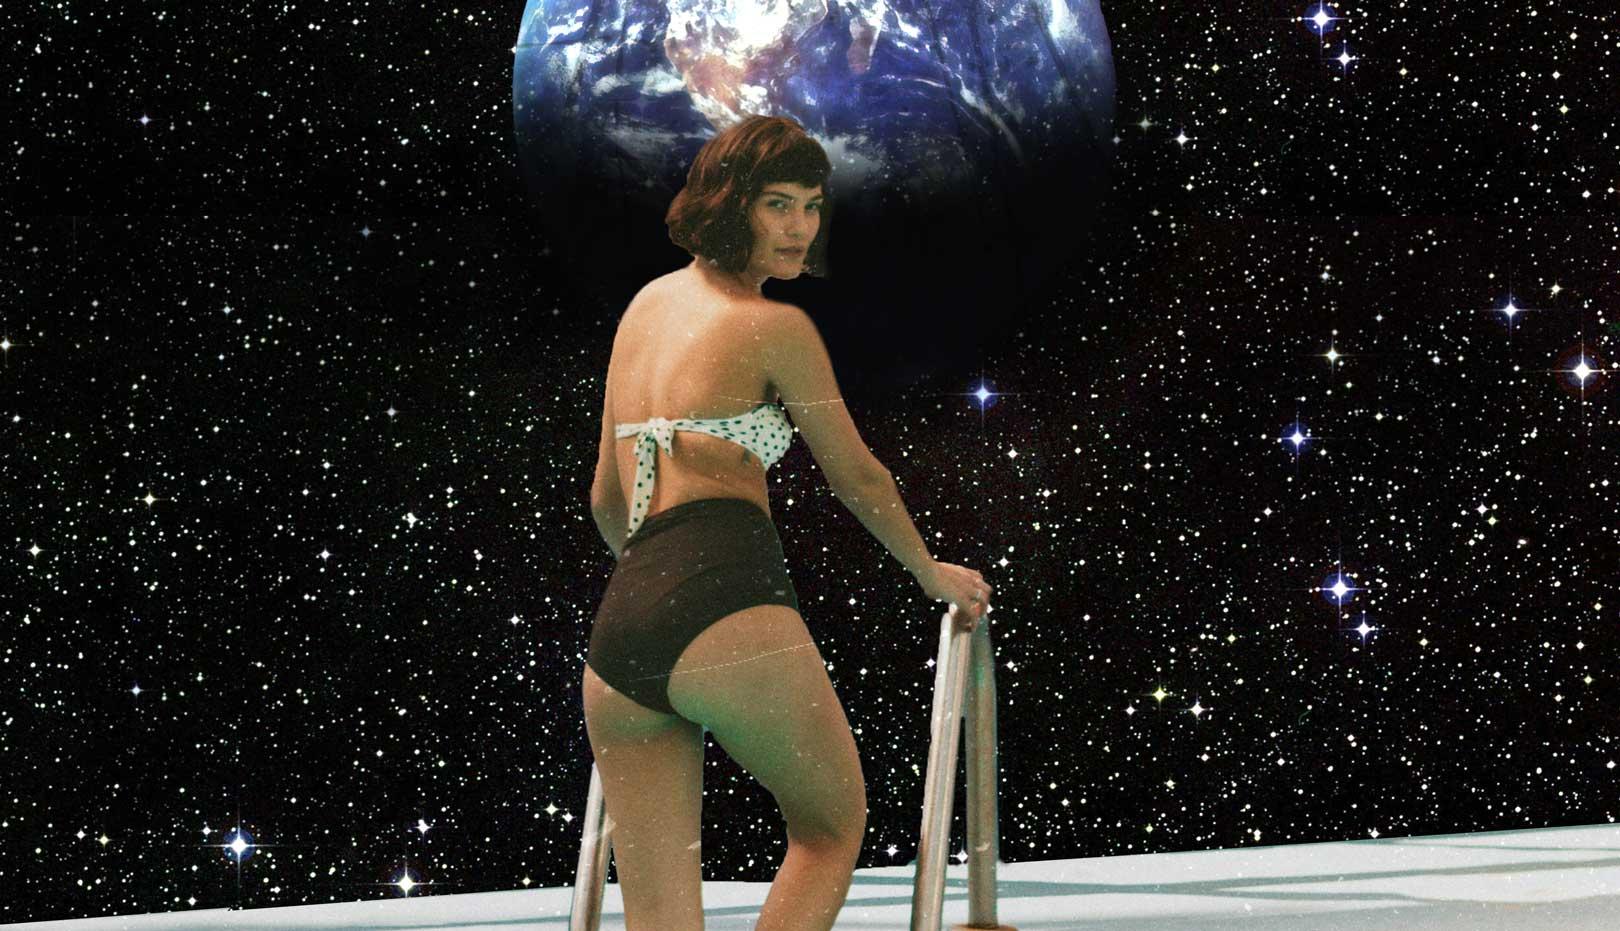 kobieta na basenie w kosmosie